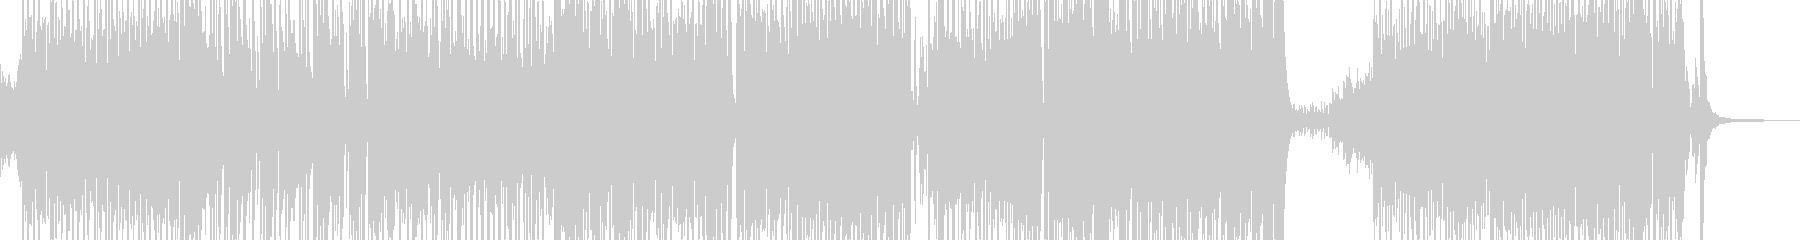 胸キュン・可愛いテクノポップ 短尺の未再生の波形